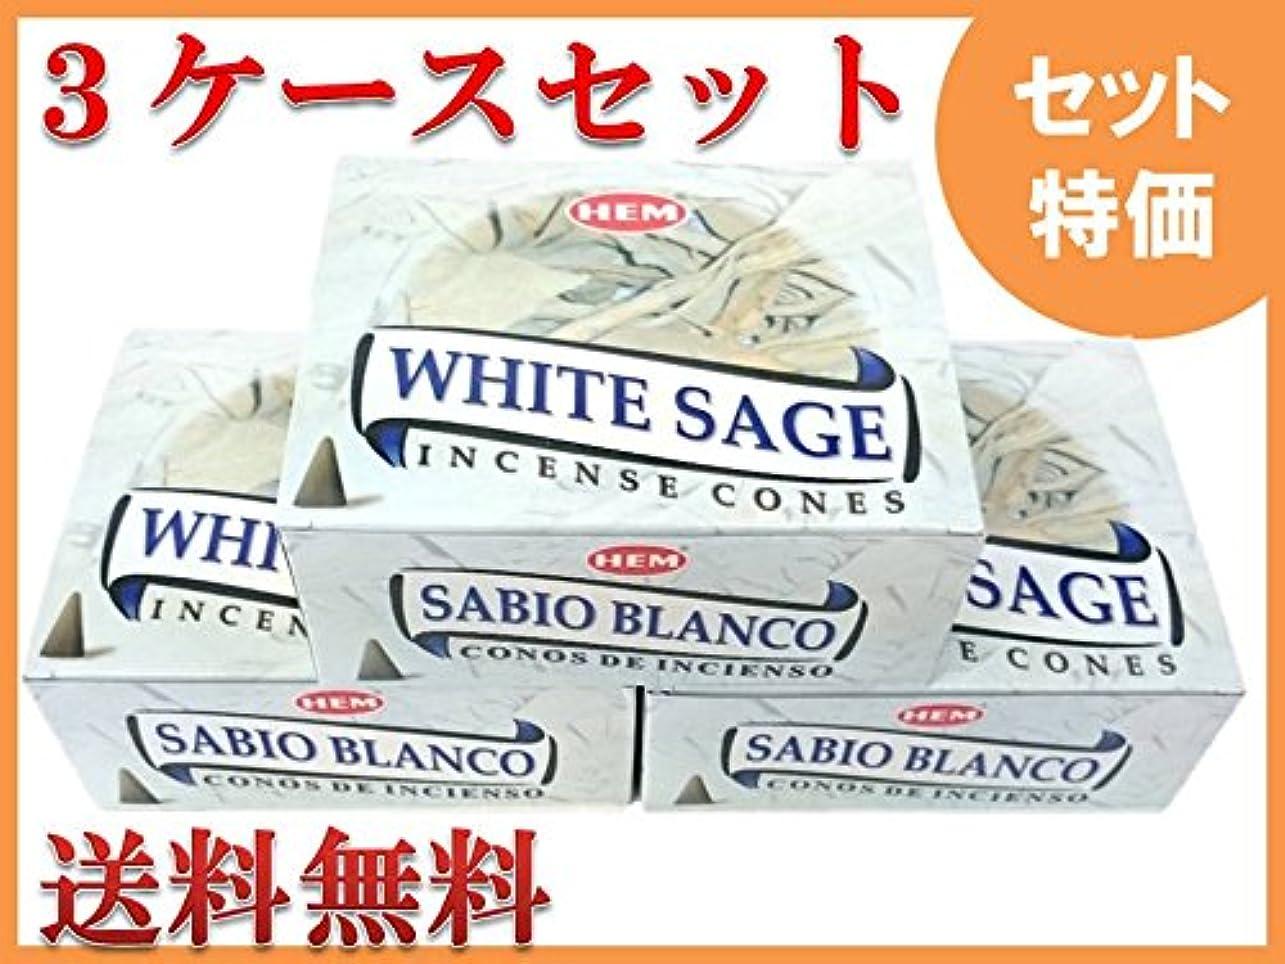 ジュラシックパークバイアスマトロンHEM(ヘム)お香コーン:ホワイトセージ 3ケース(36箱)セット/お香コーン/HEMホワイトセージコーン